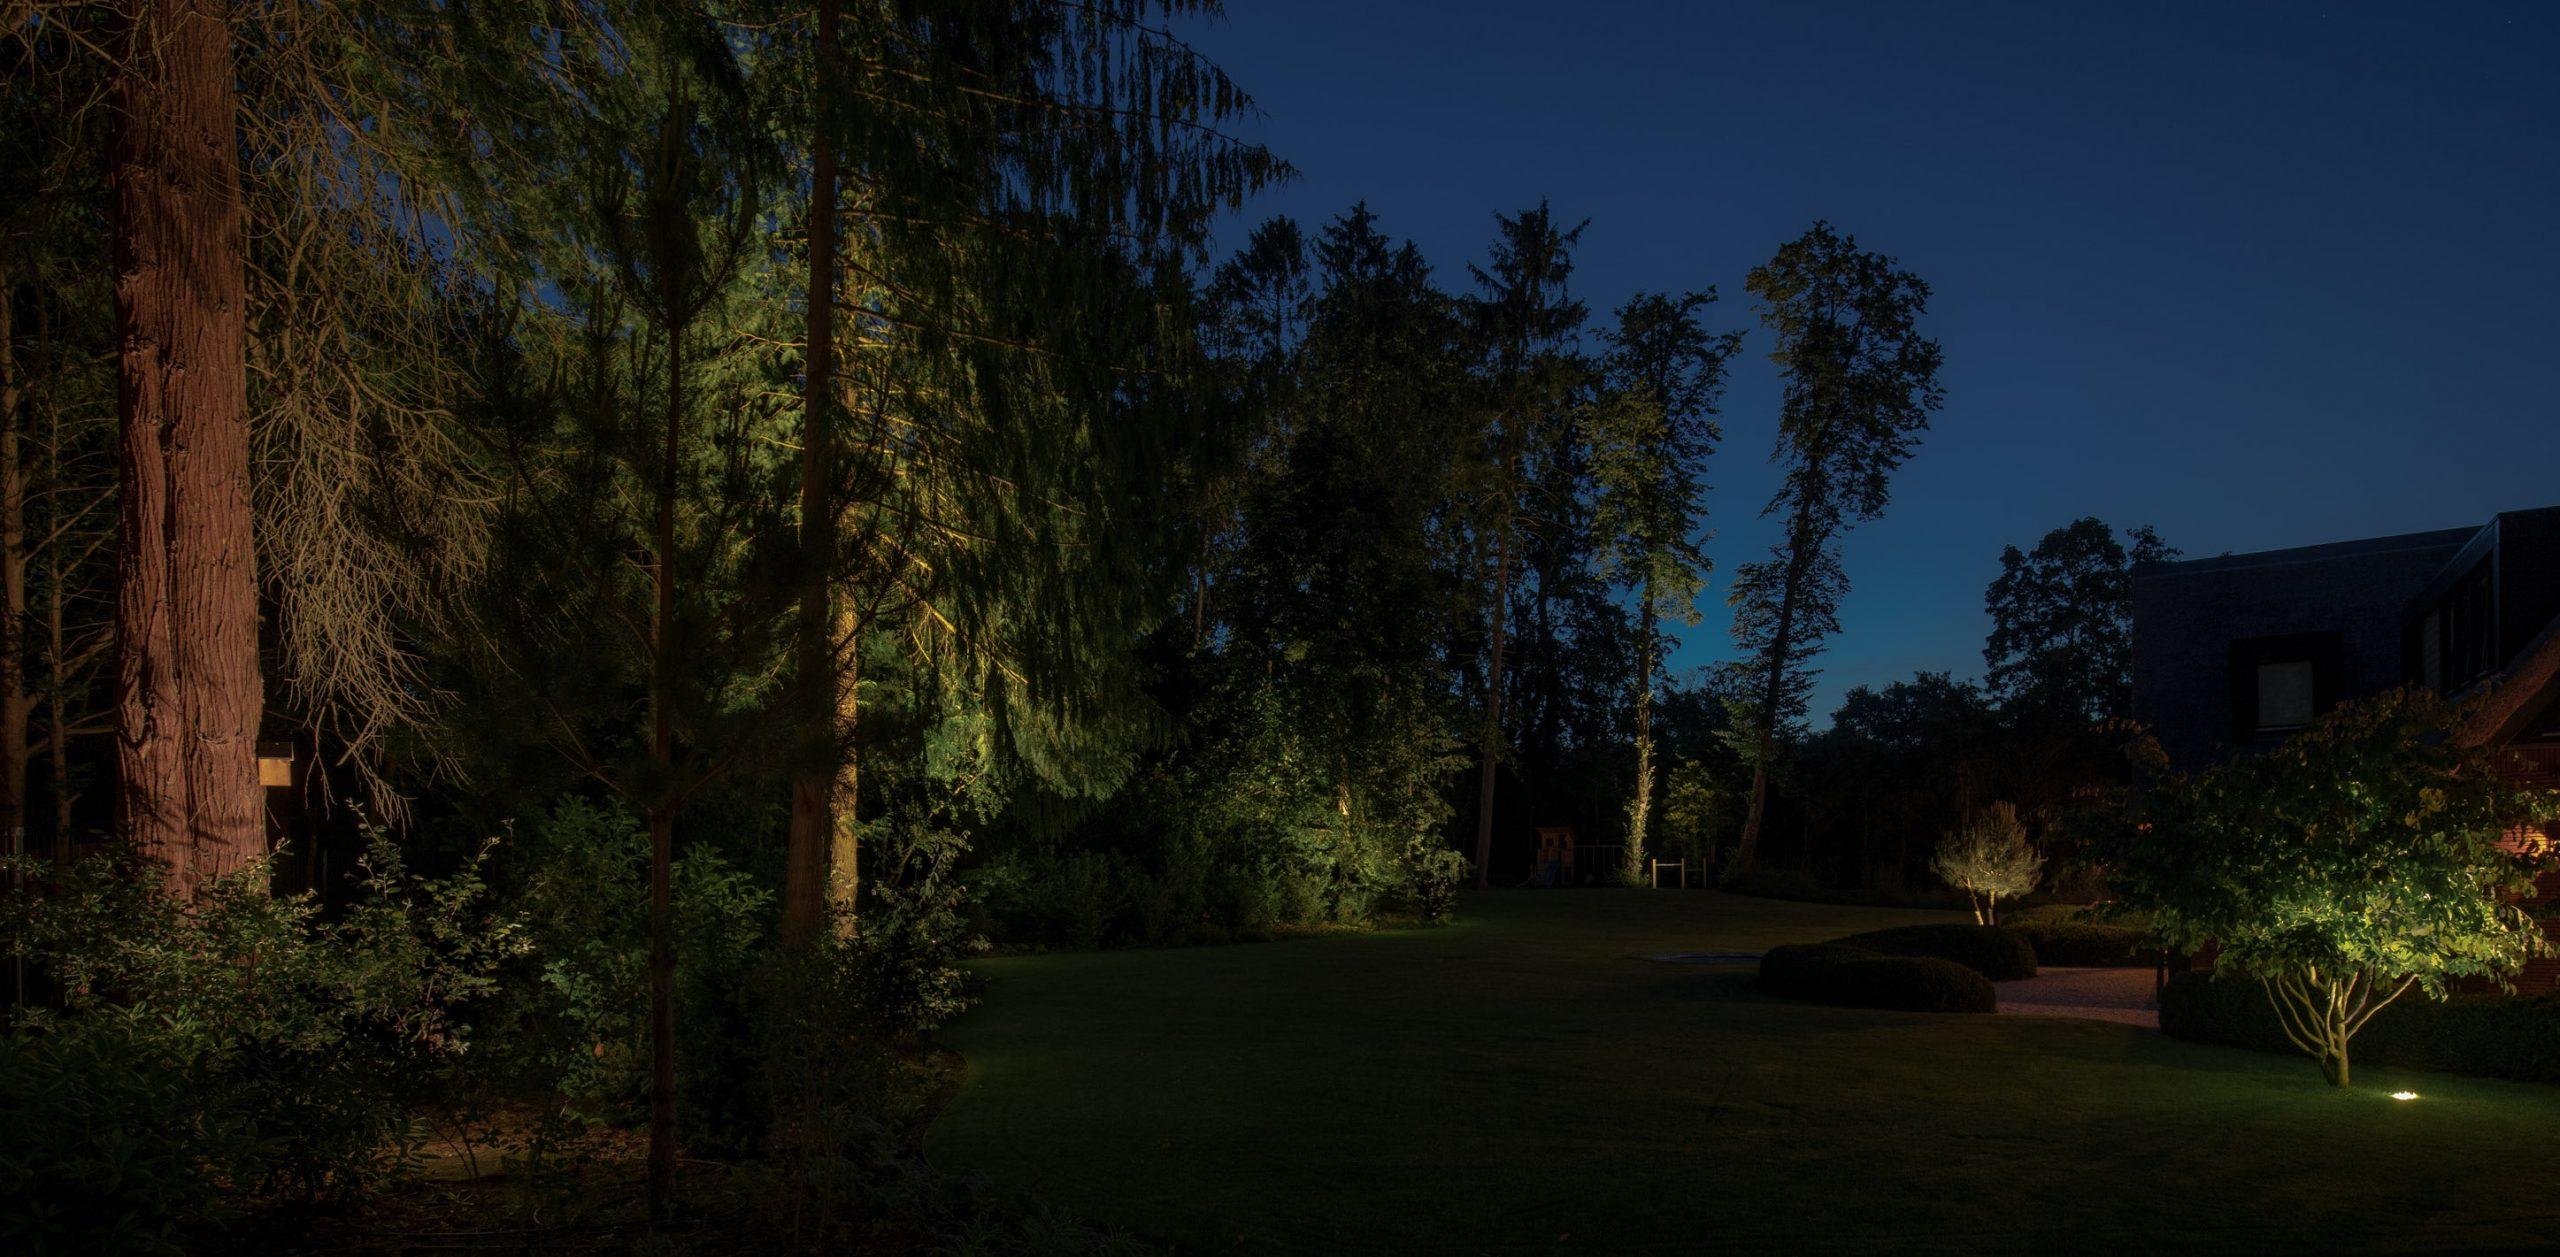 projecten buitenverlichting tuinlichtplan tuinverlichtingsplan buitenverlichting tuinarchitectuur rainforestlighting tuinverlichting regenwoud